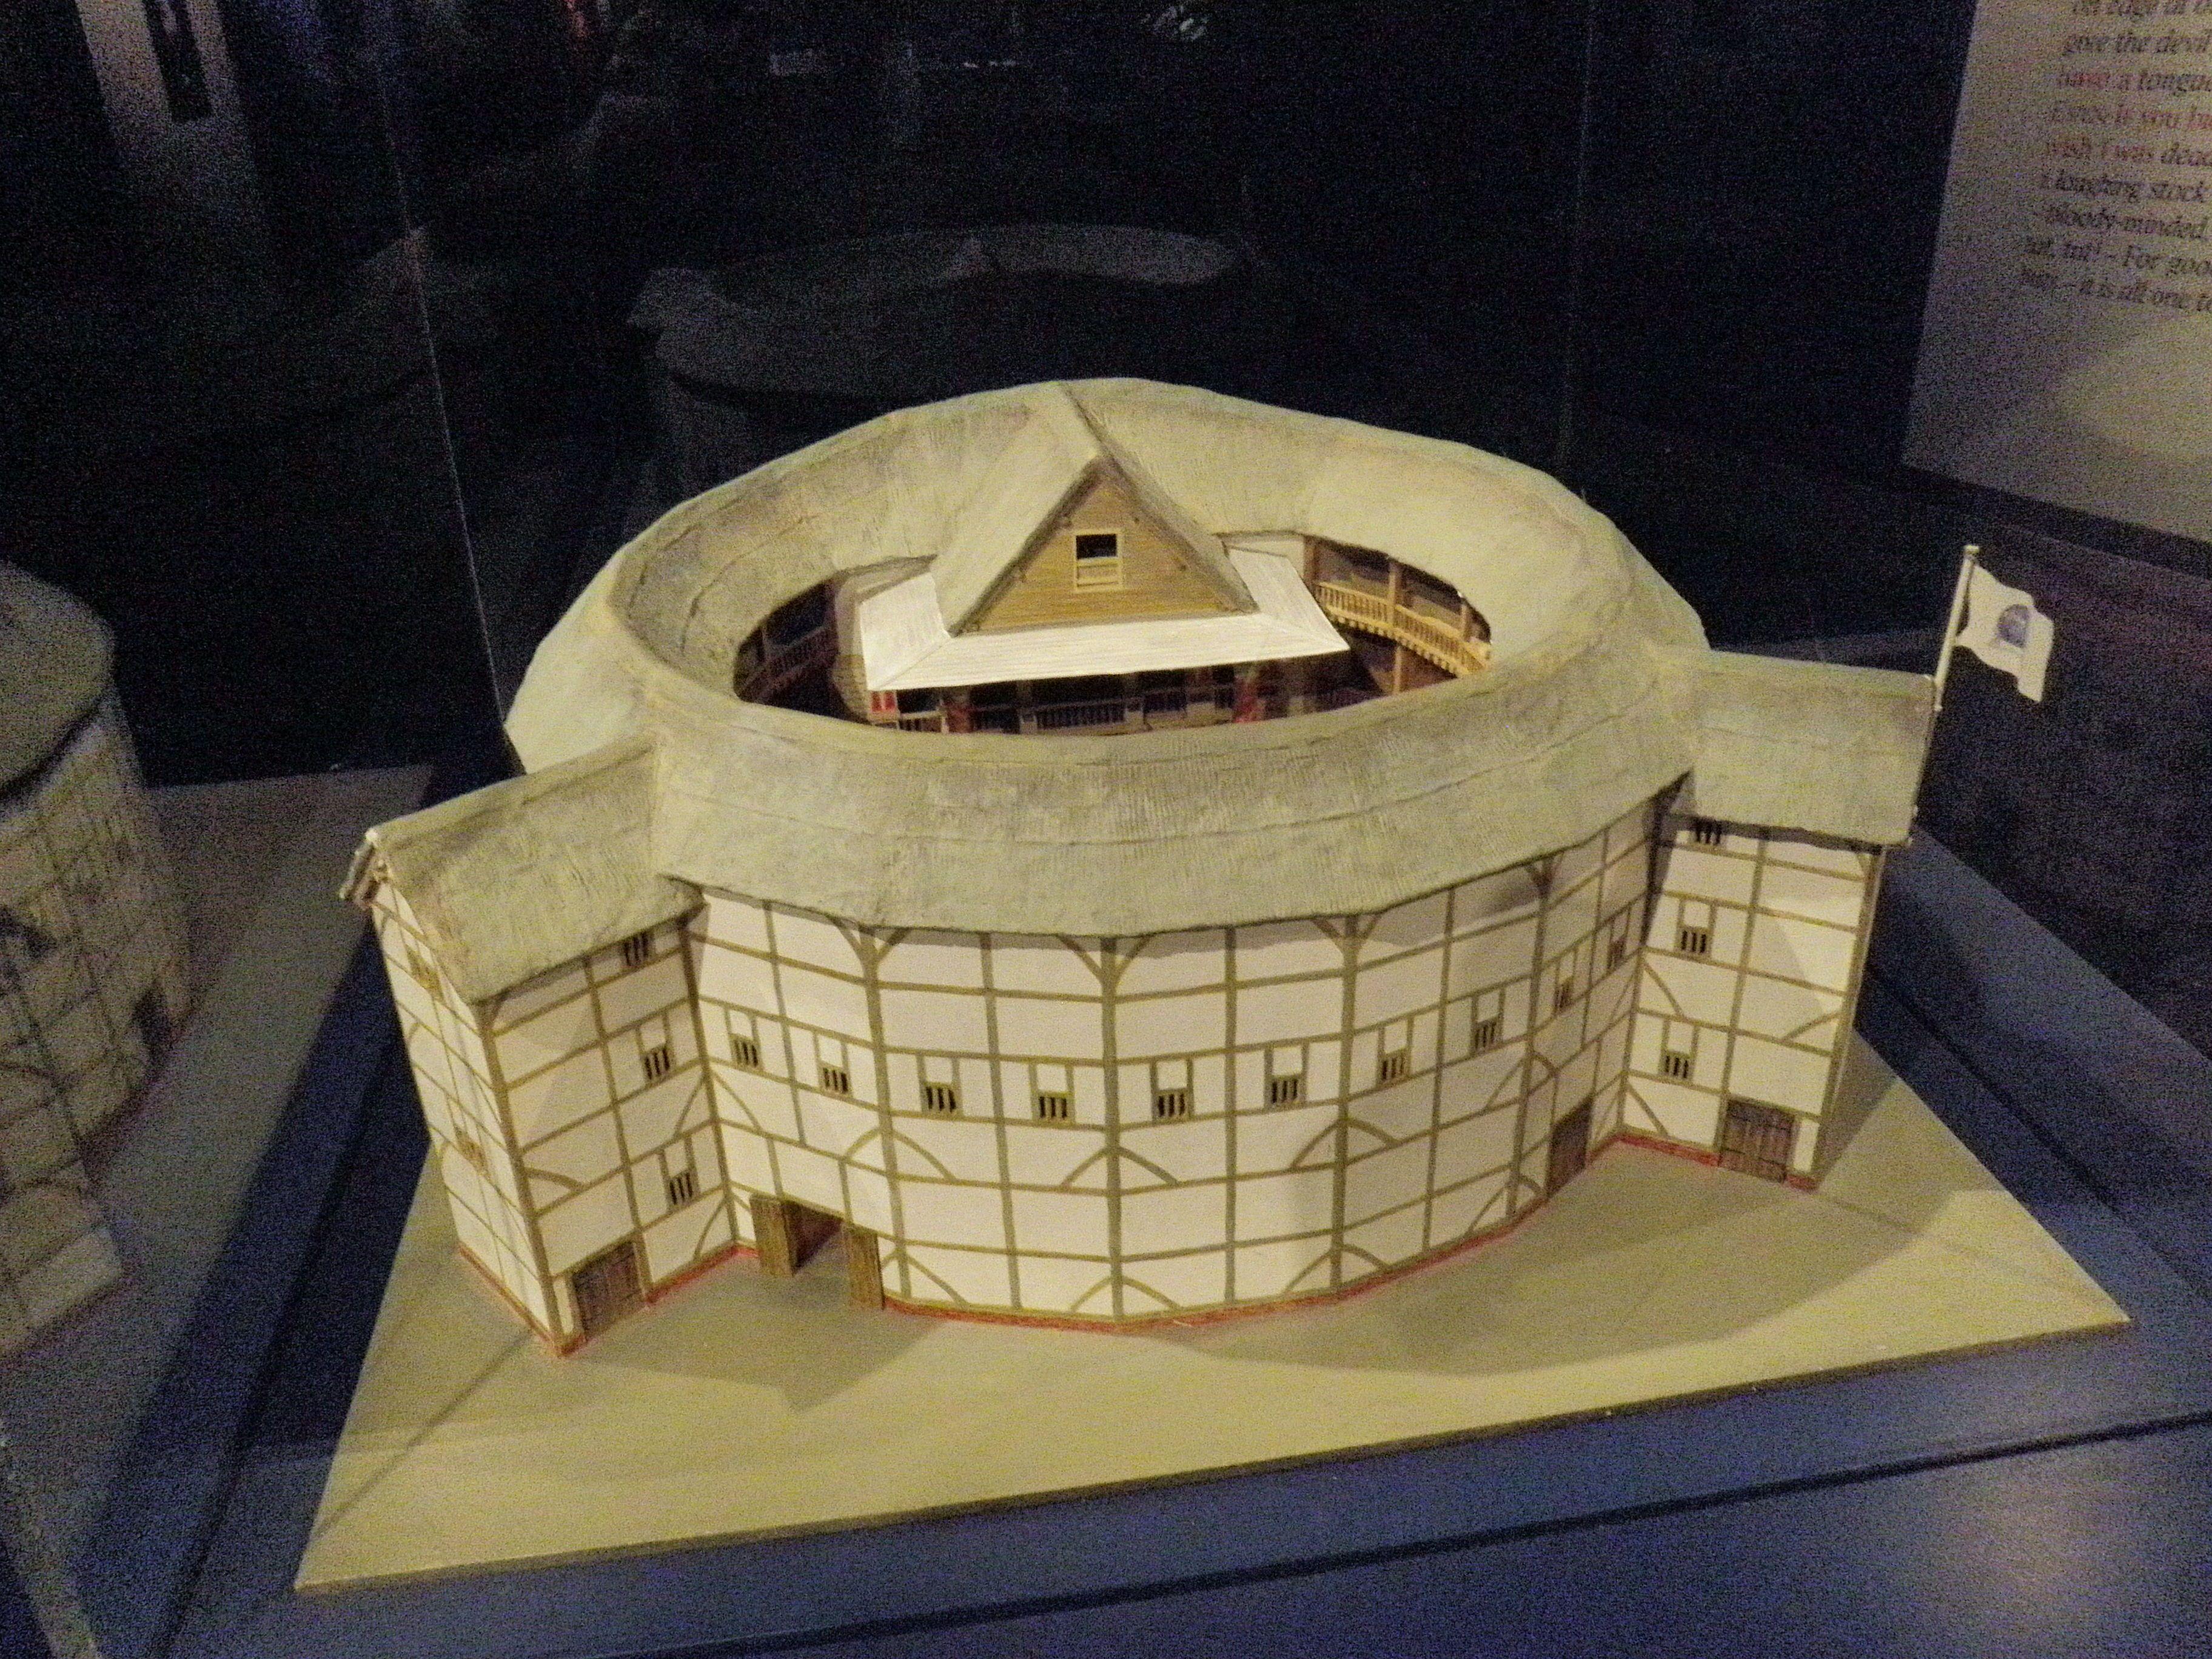 Globe theatre model popsicle sticks google search for Theatre model